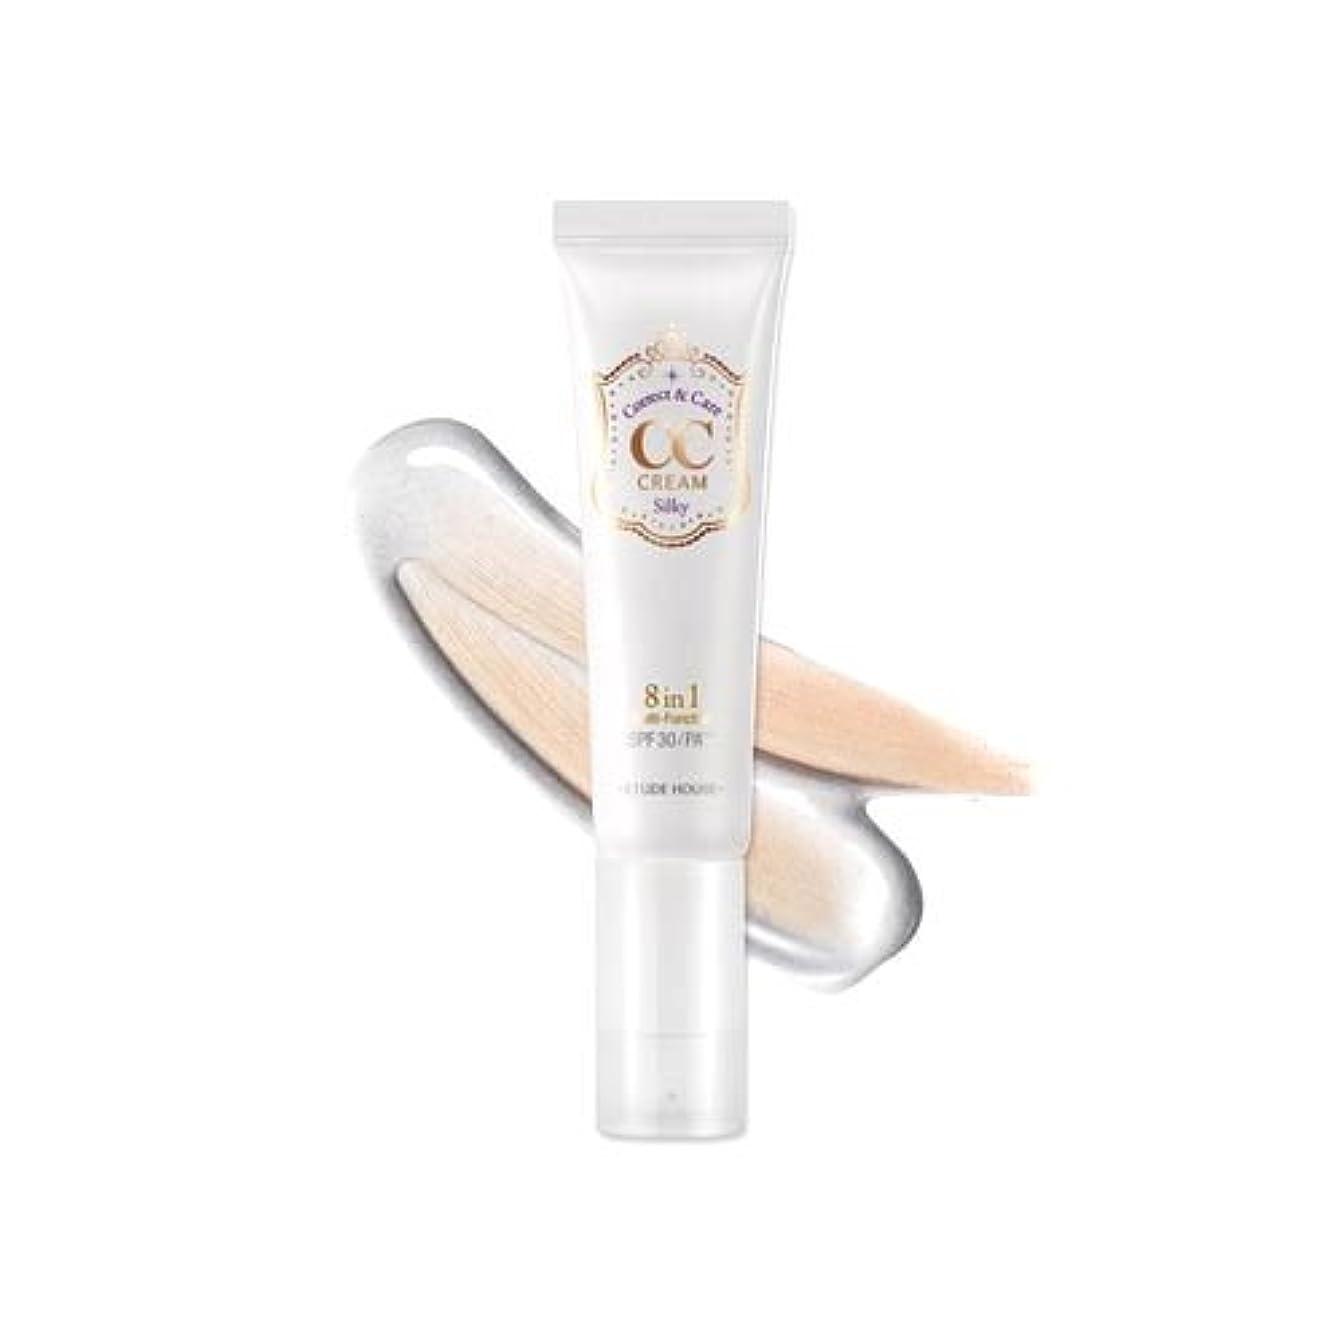 フォーマルインレイ剃る(3 Pack) ETUDE HOUSE CC Cream - #01 Silky (並行輸入品)